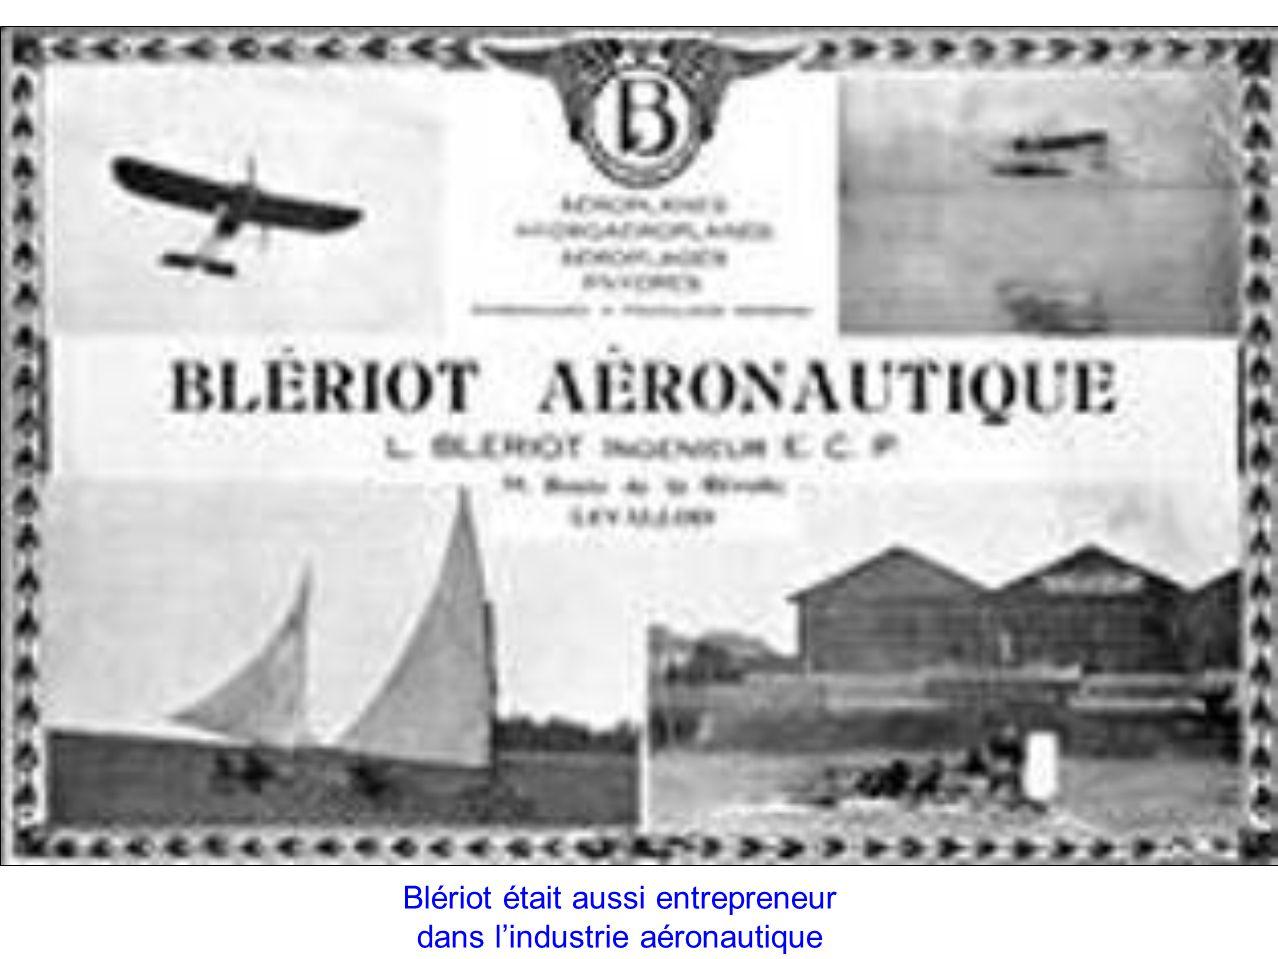 Blériot était aussi entrepreneur dans l'industrie aéronautique